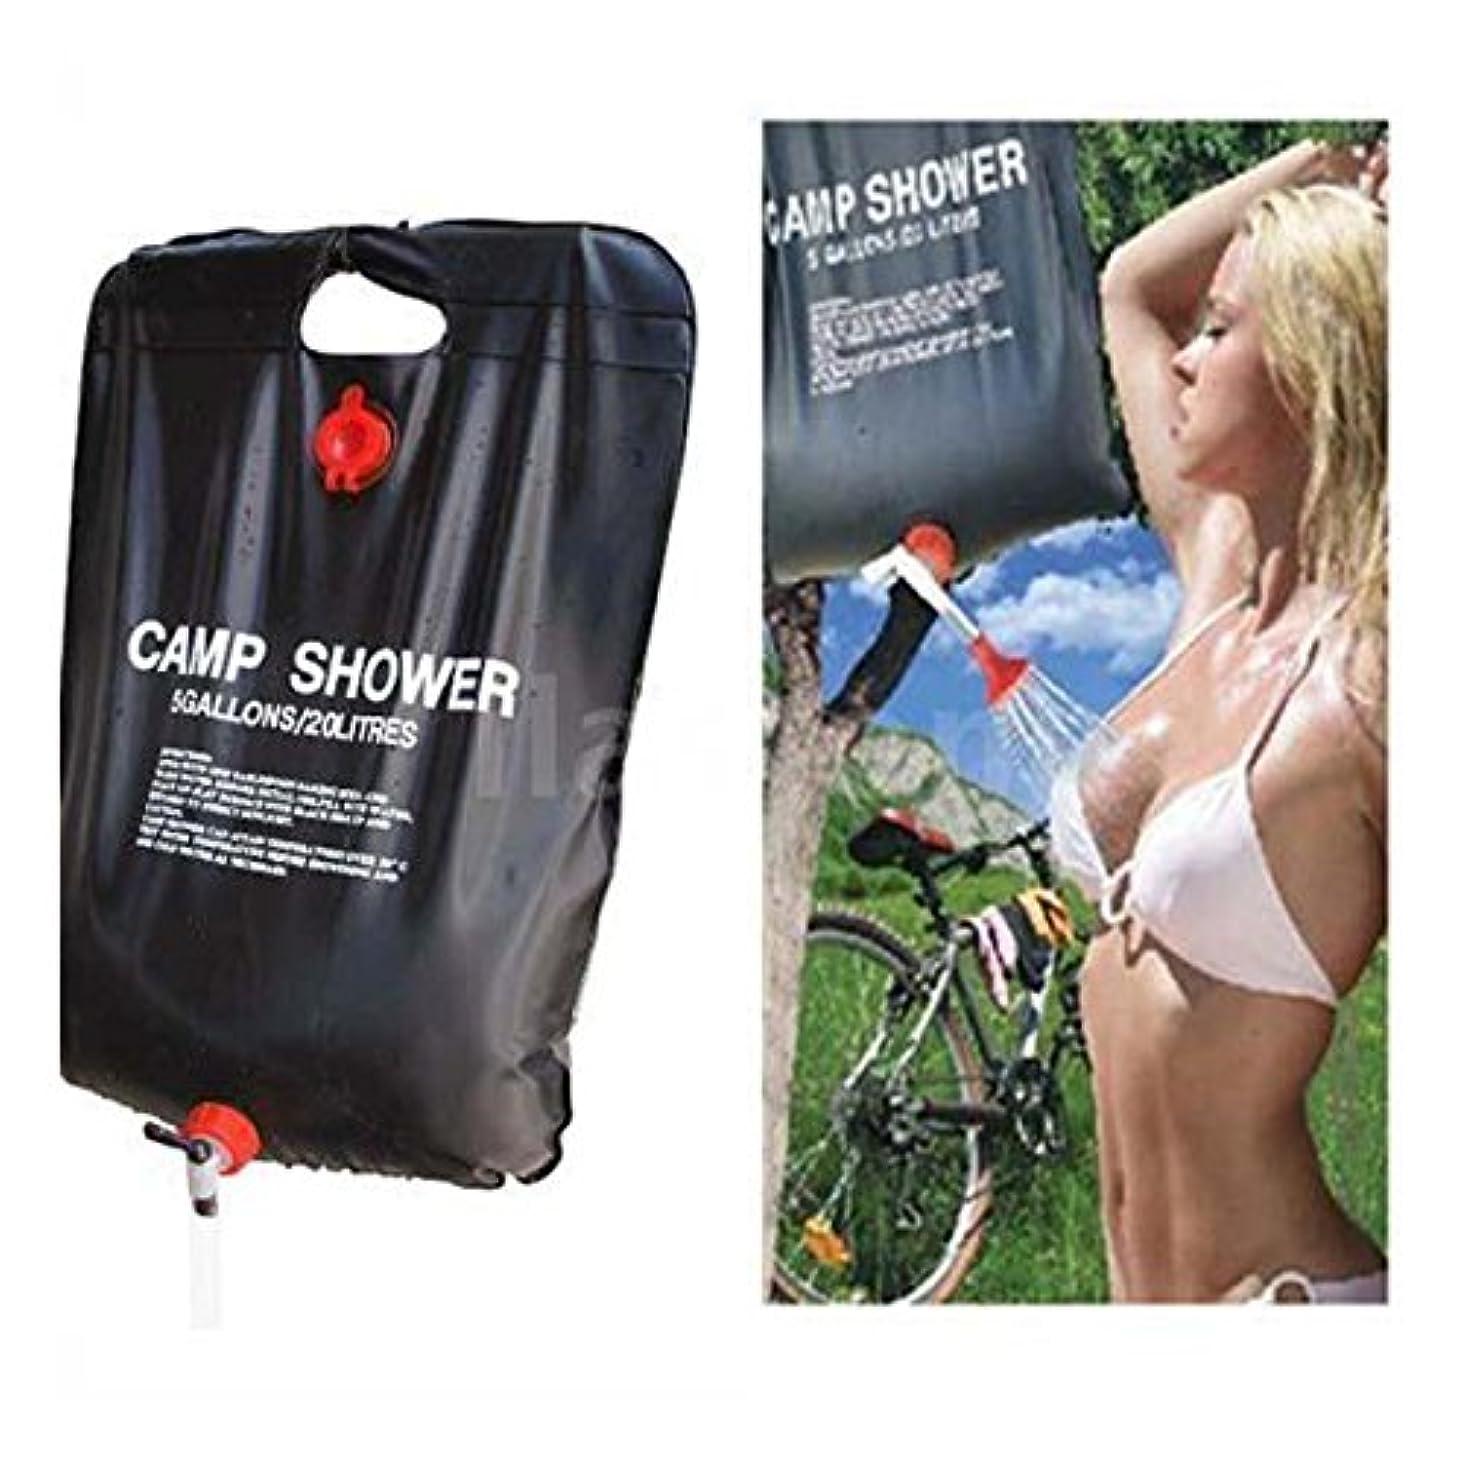 セーブ海港判読できない20L 5ガロン ハイキング 太陽熱キャンプ シャワーバッグ アウトドア シャワー ウォーターバッグ - サイズ: 30 15 1cm